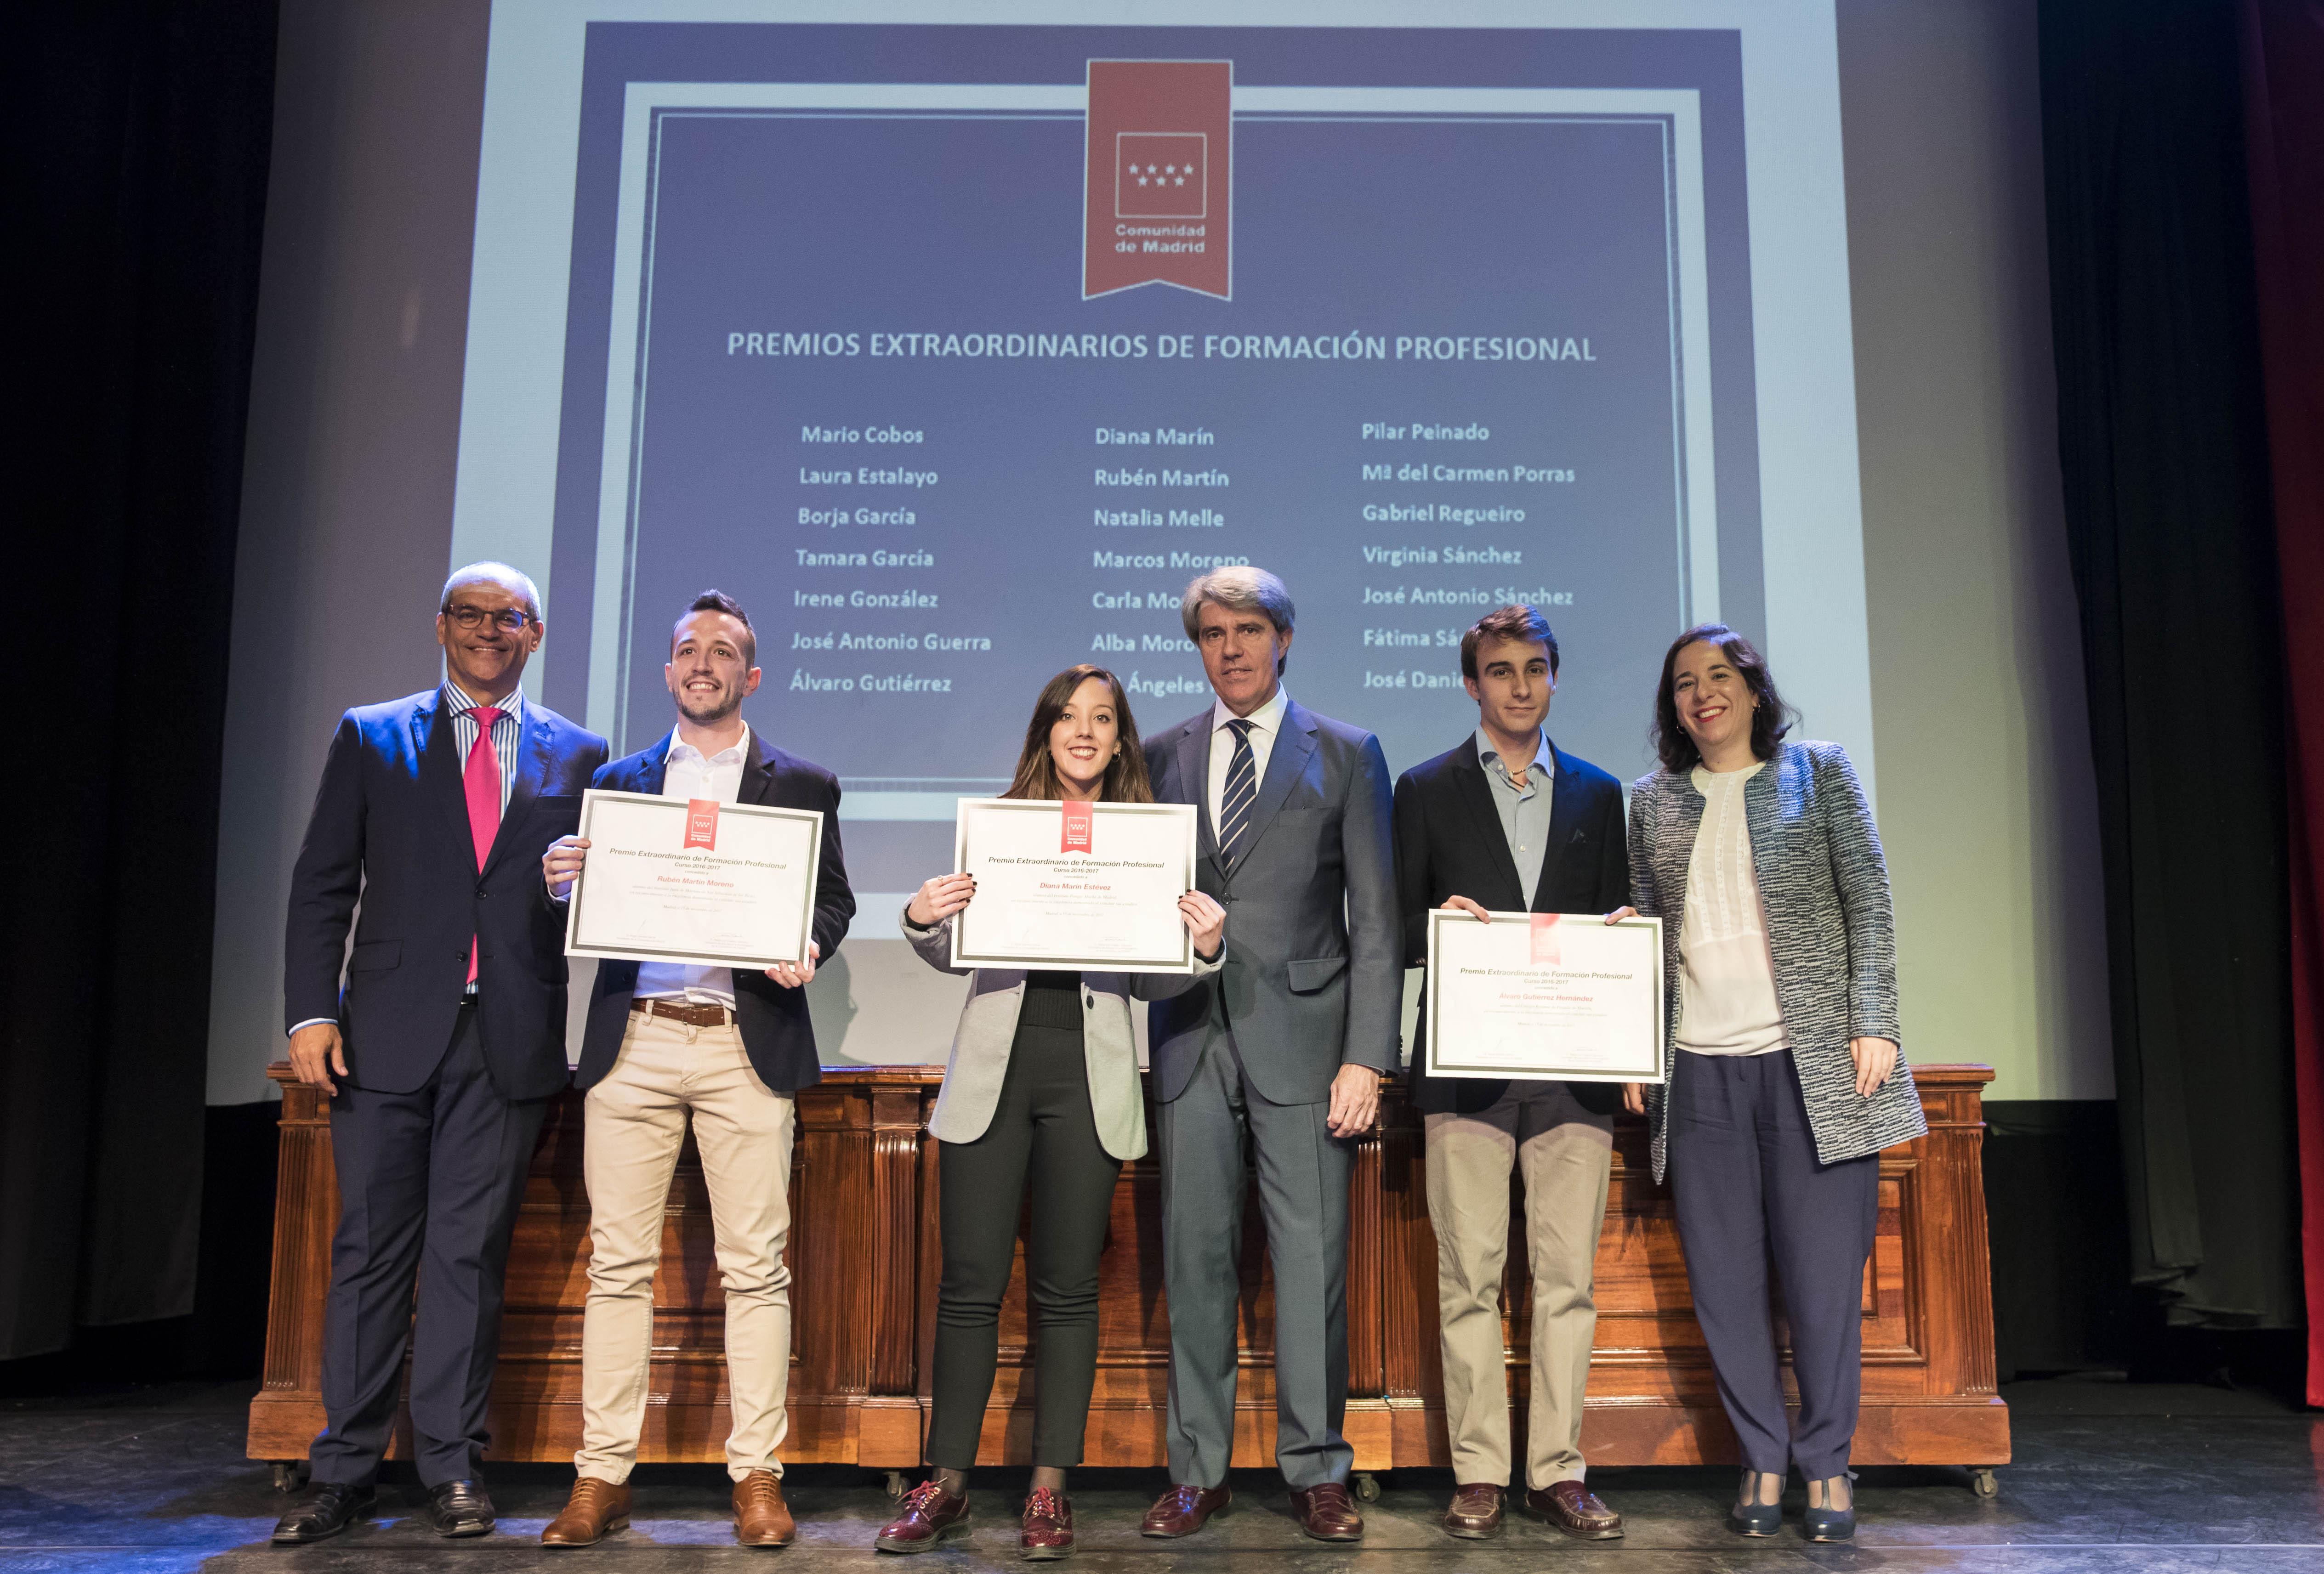 Entrega de los premios extraordinarios correspondientes al curso 2016/2017 16